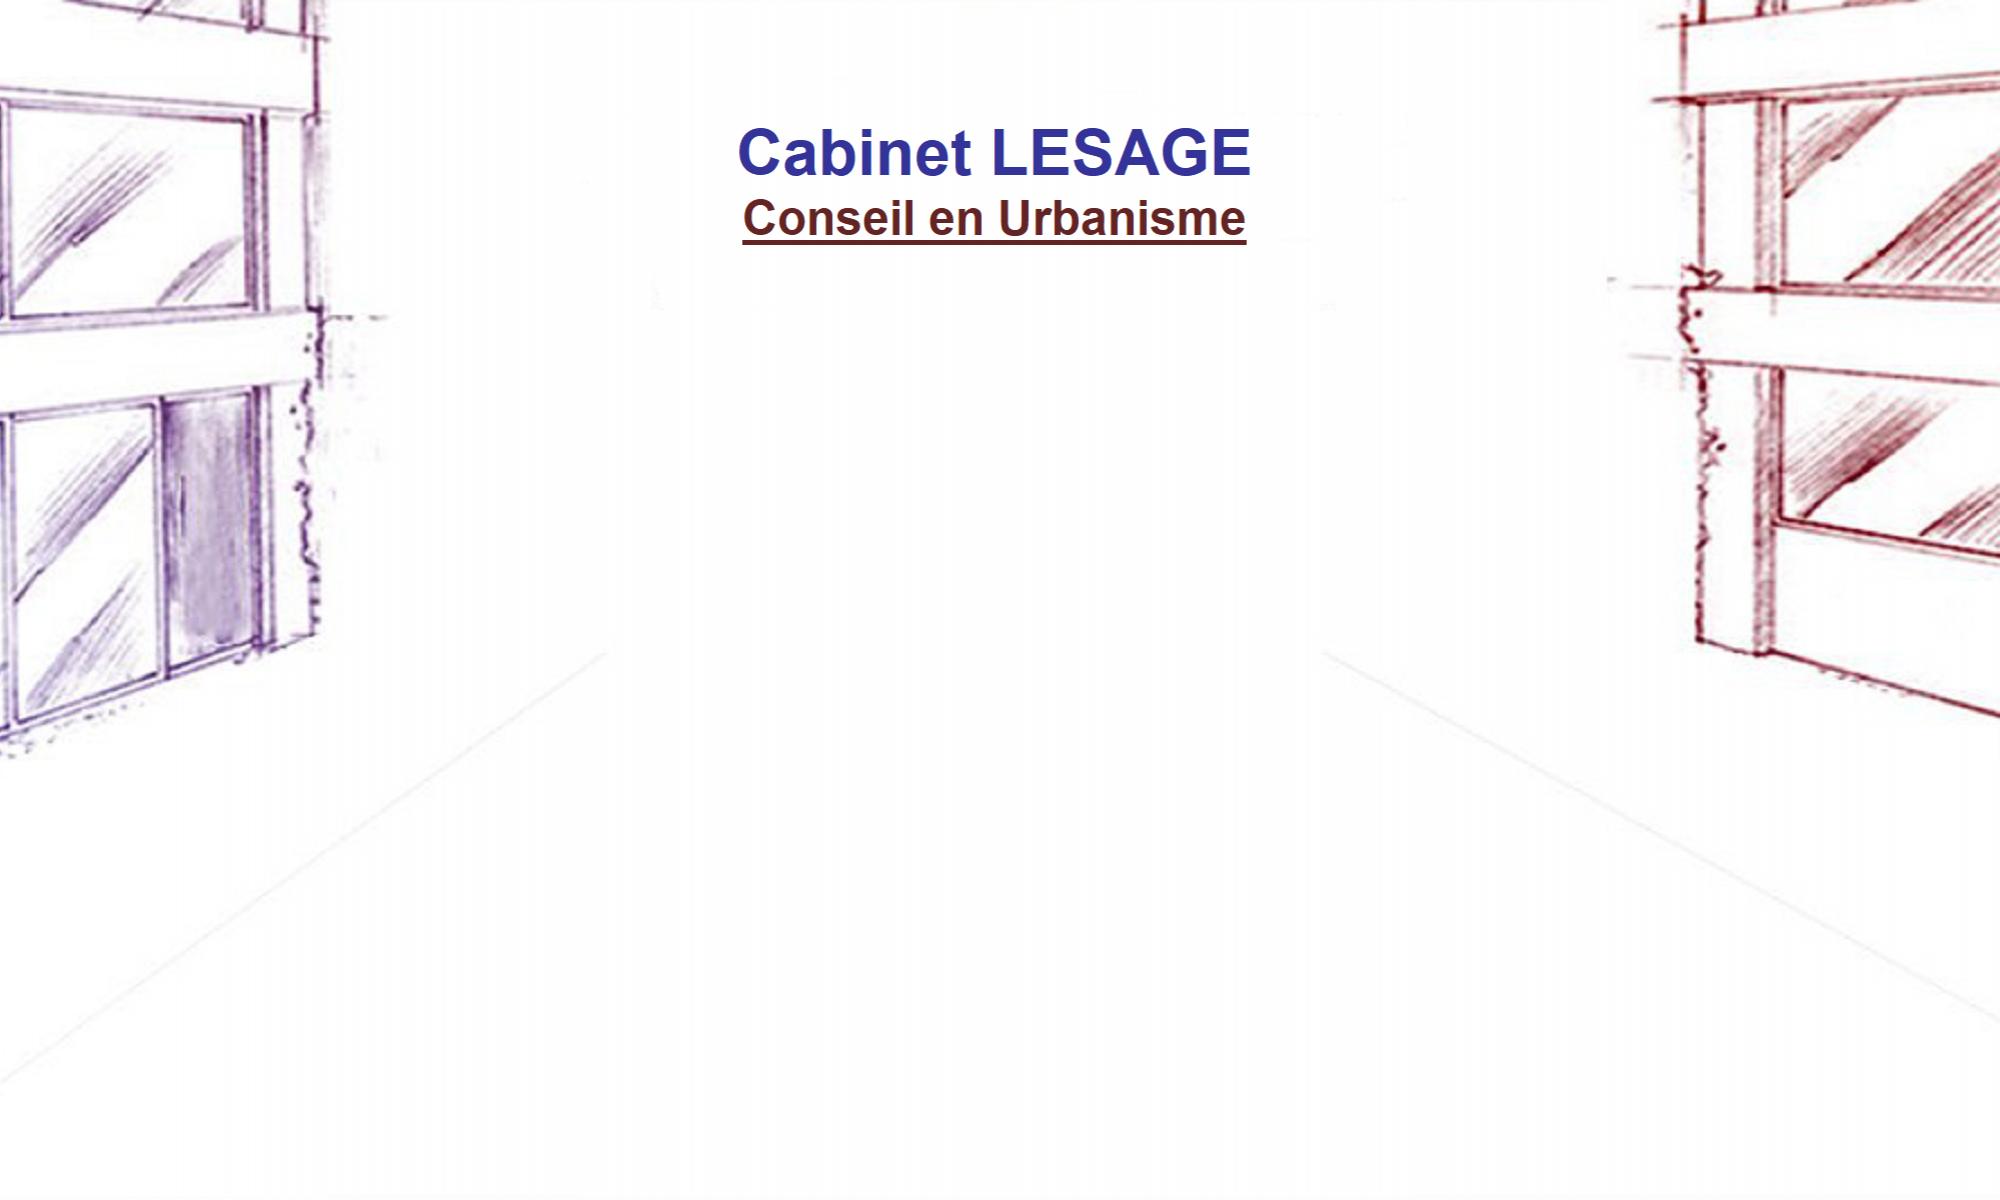 Cabinet LESAGE Conseil en Urbanisme